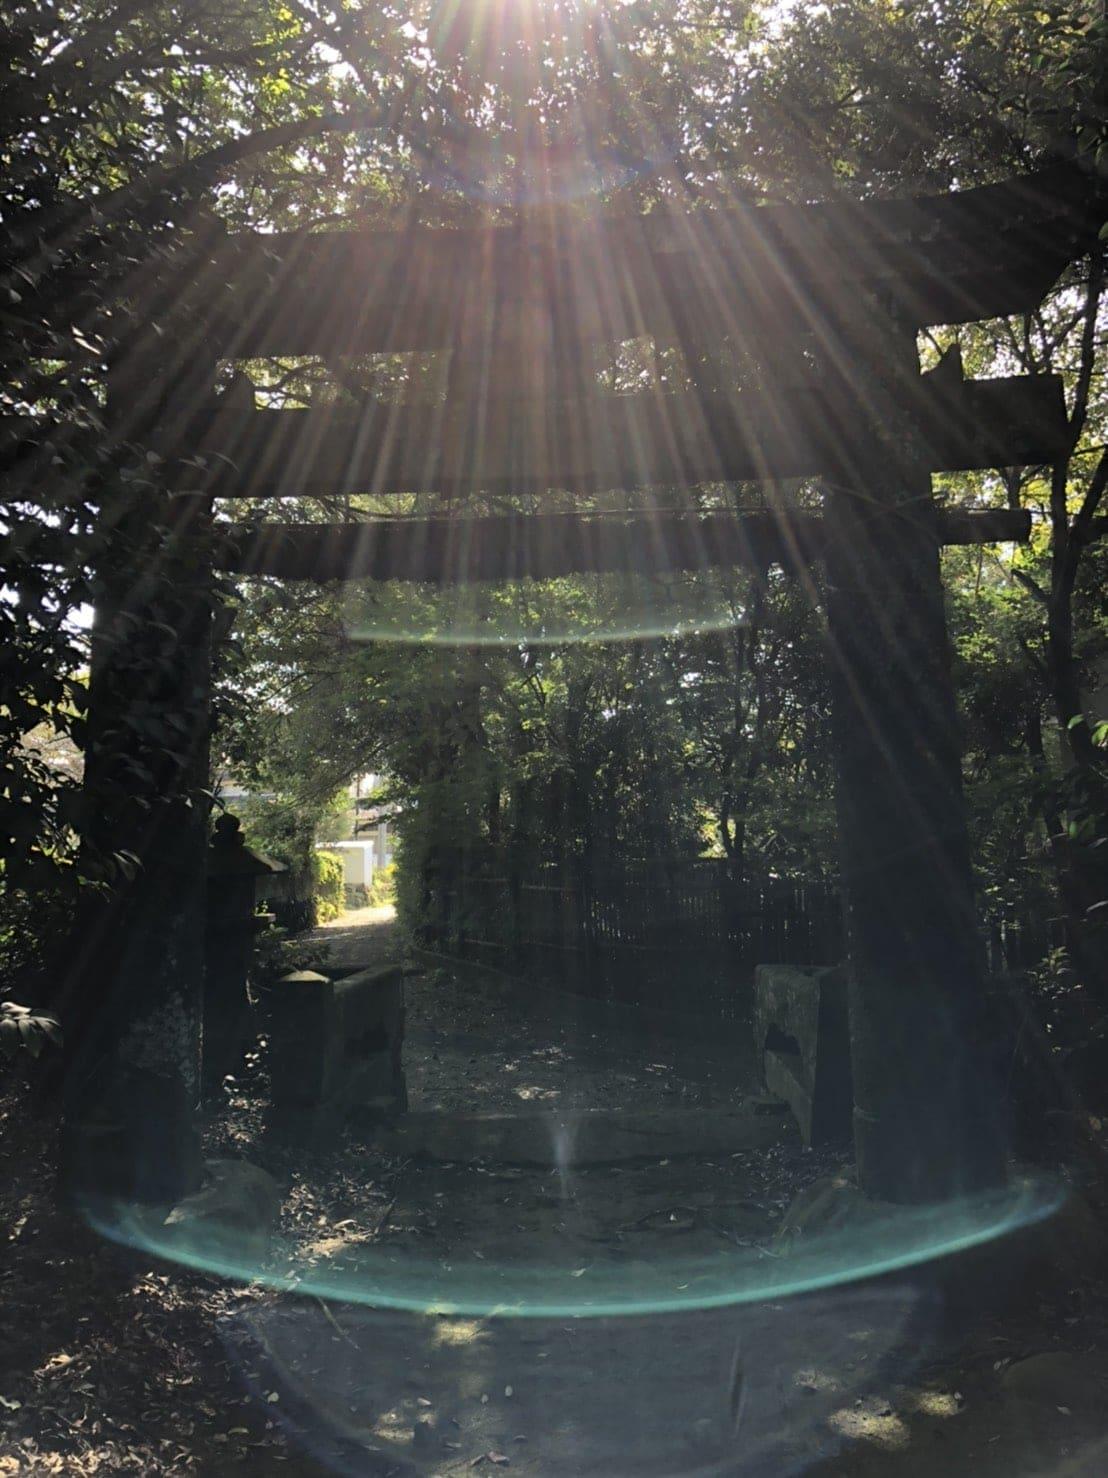 パラダイス四国の聖地ガイド二泊三日/シリウスブルー観光振興協会のお届けするスピリチュアルガイドツアーのイメージその4